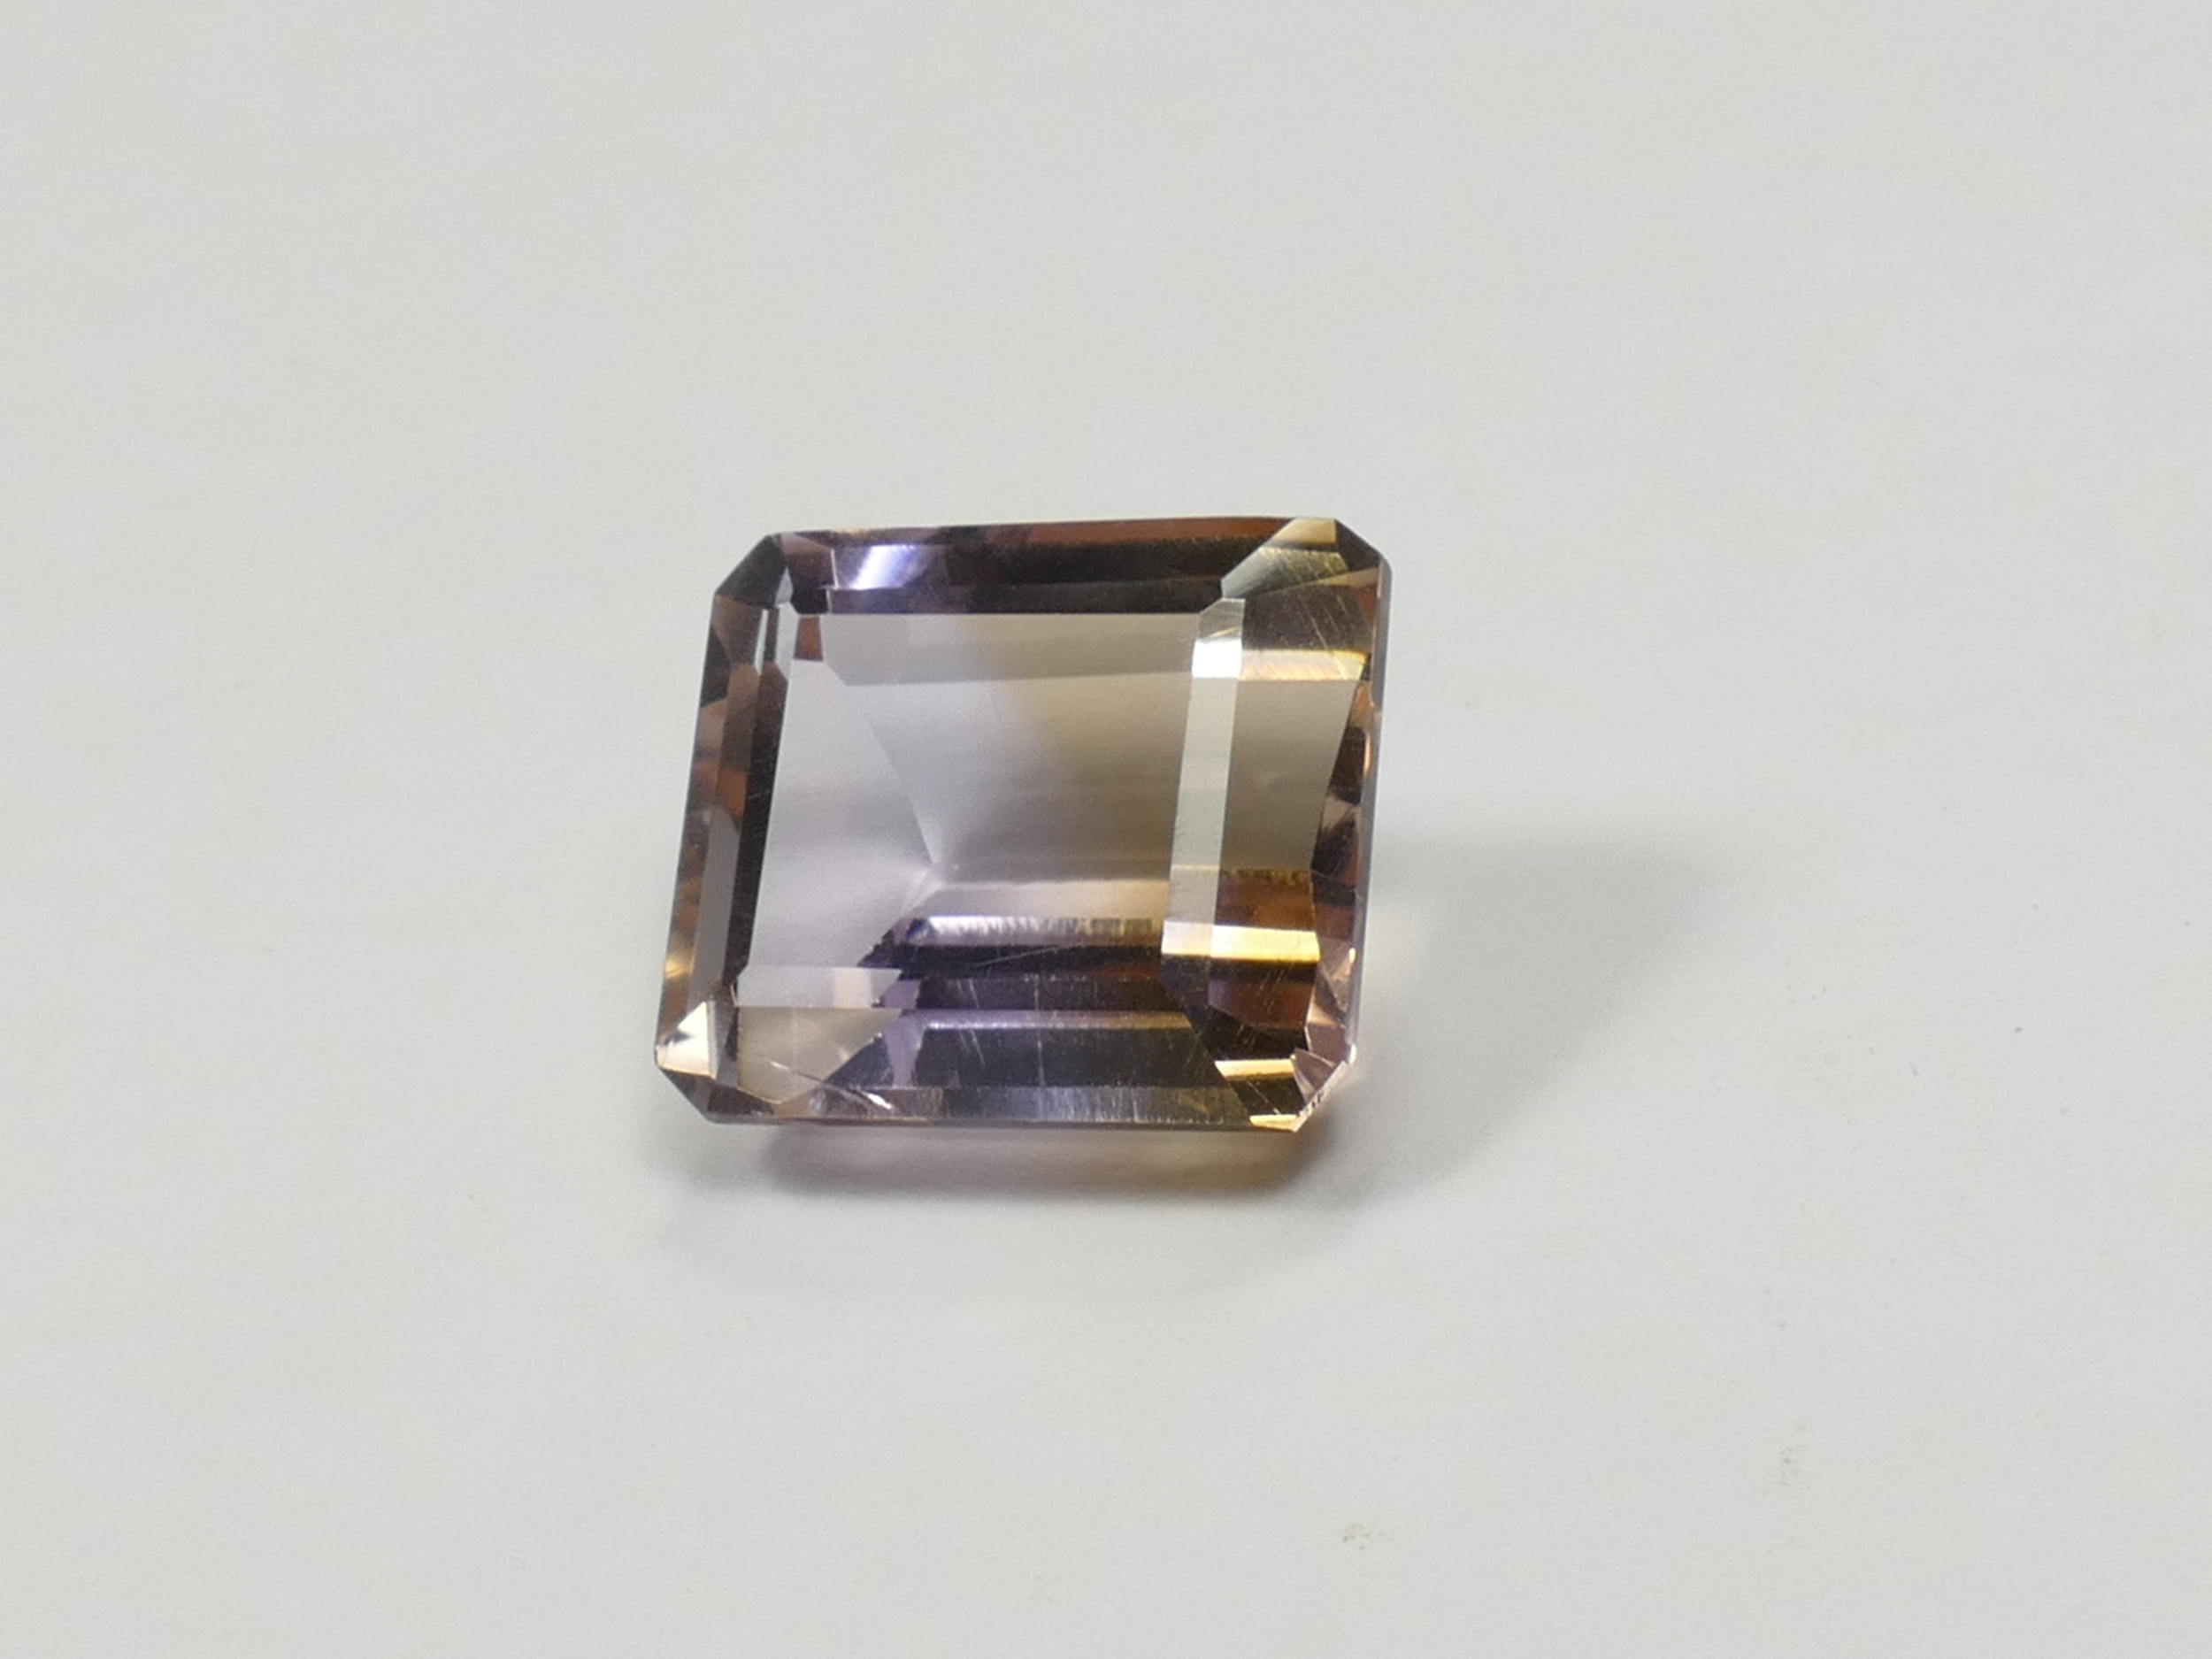 13.2x11.2mm 9ct VVS Amétrine naturelle facettée octogonale Bolivie (#PB547)